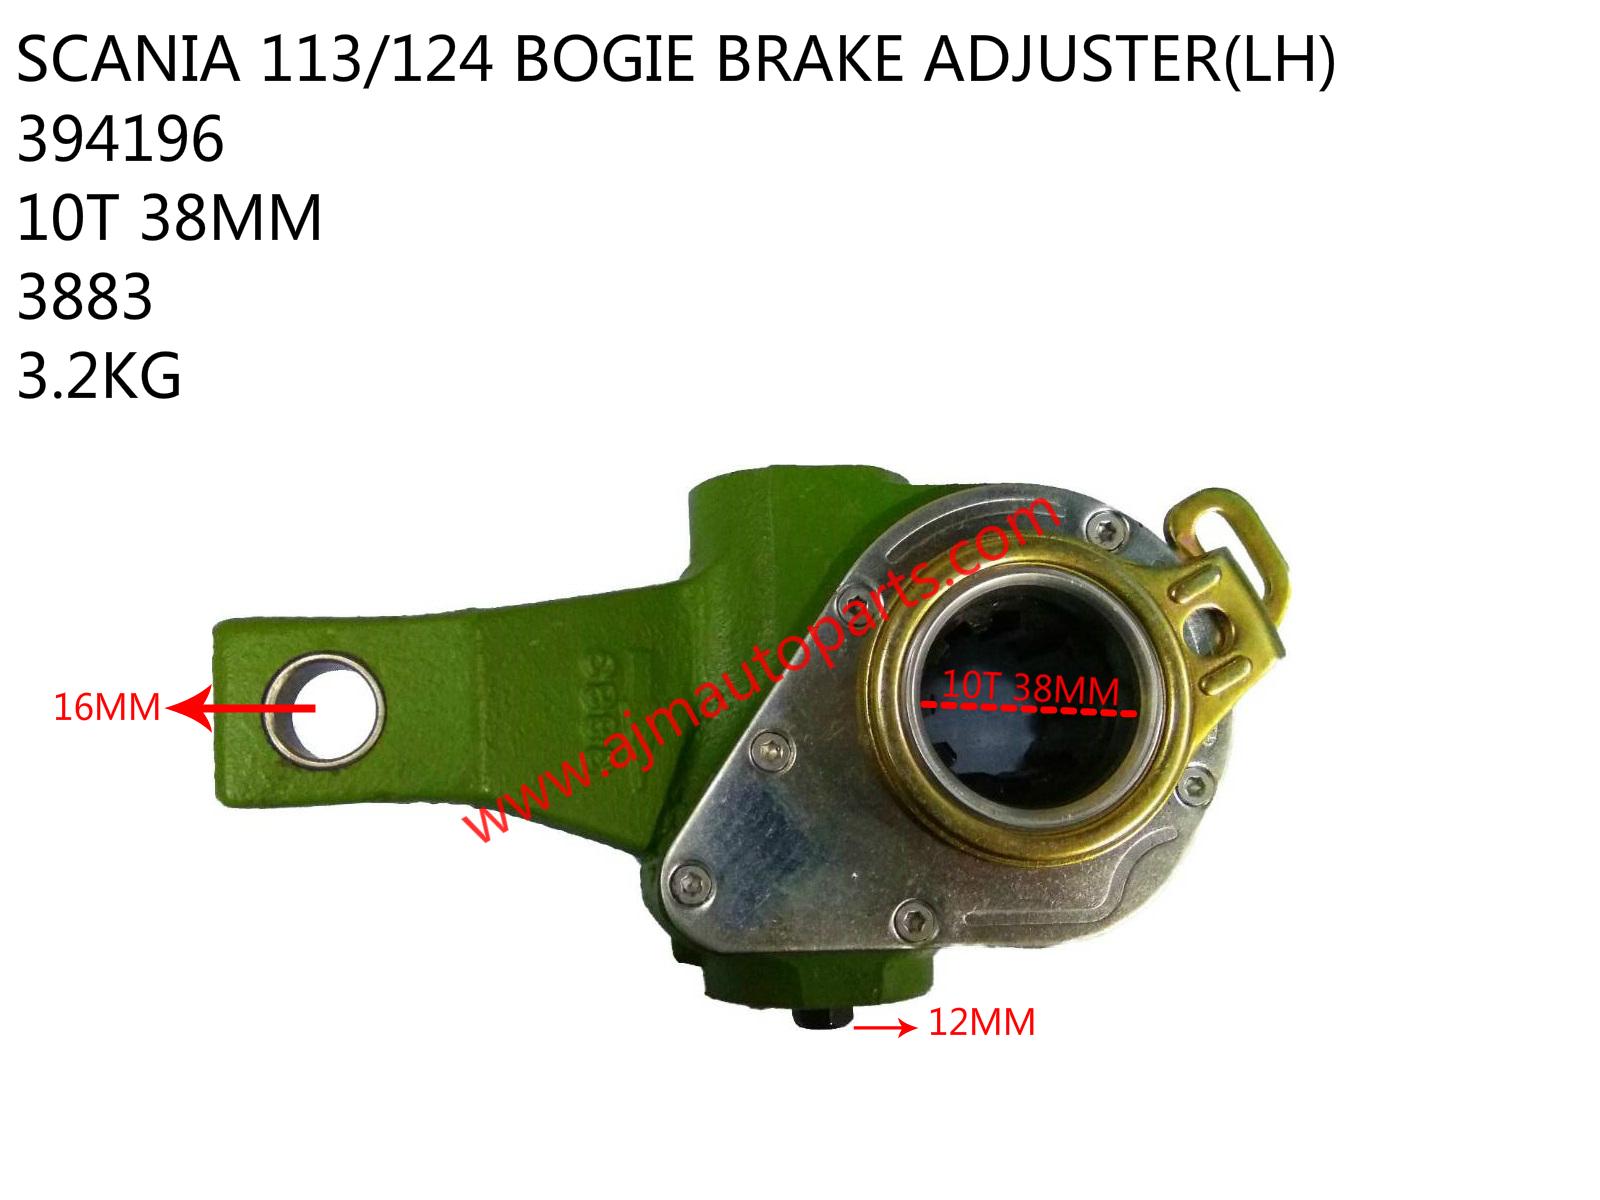 SCANIA 113-124 BOGIE BRAKE ADJUSTER-394196-3883